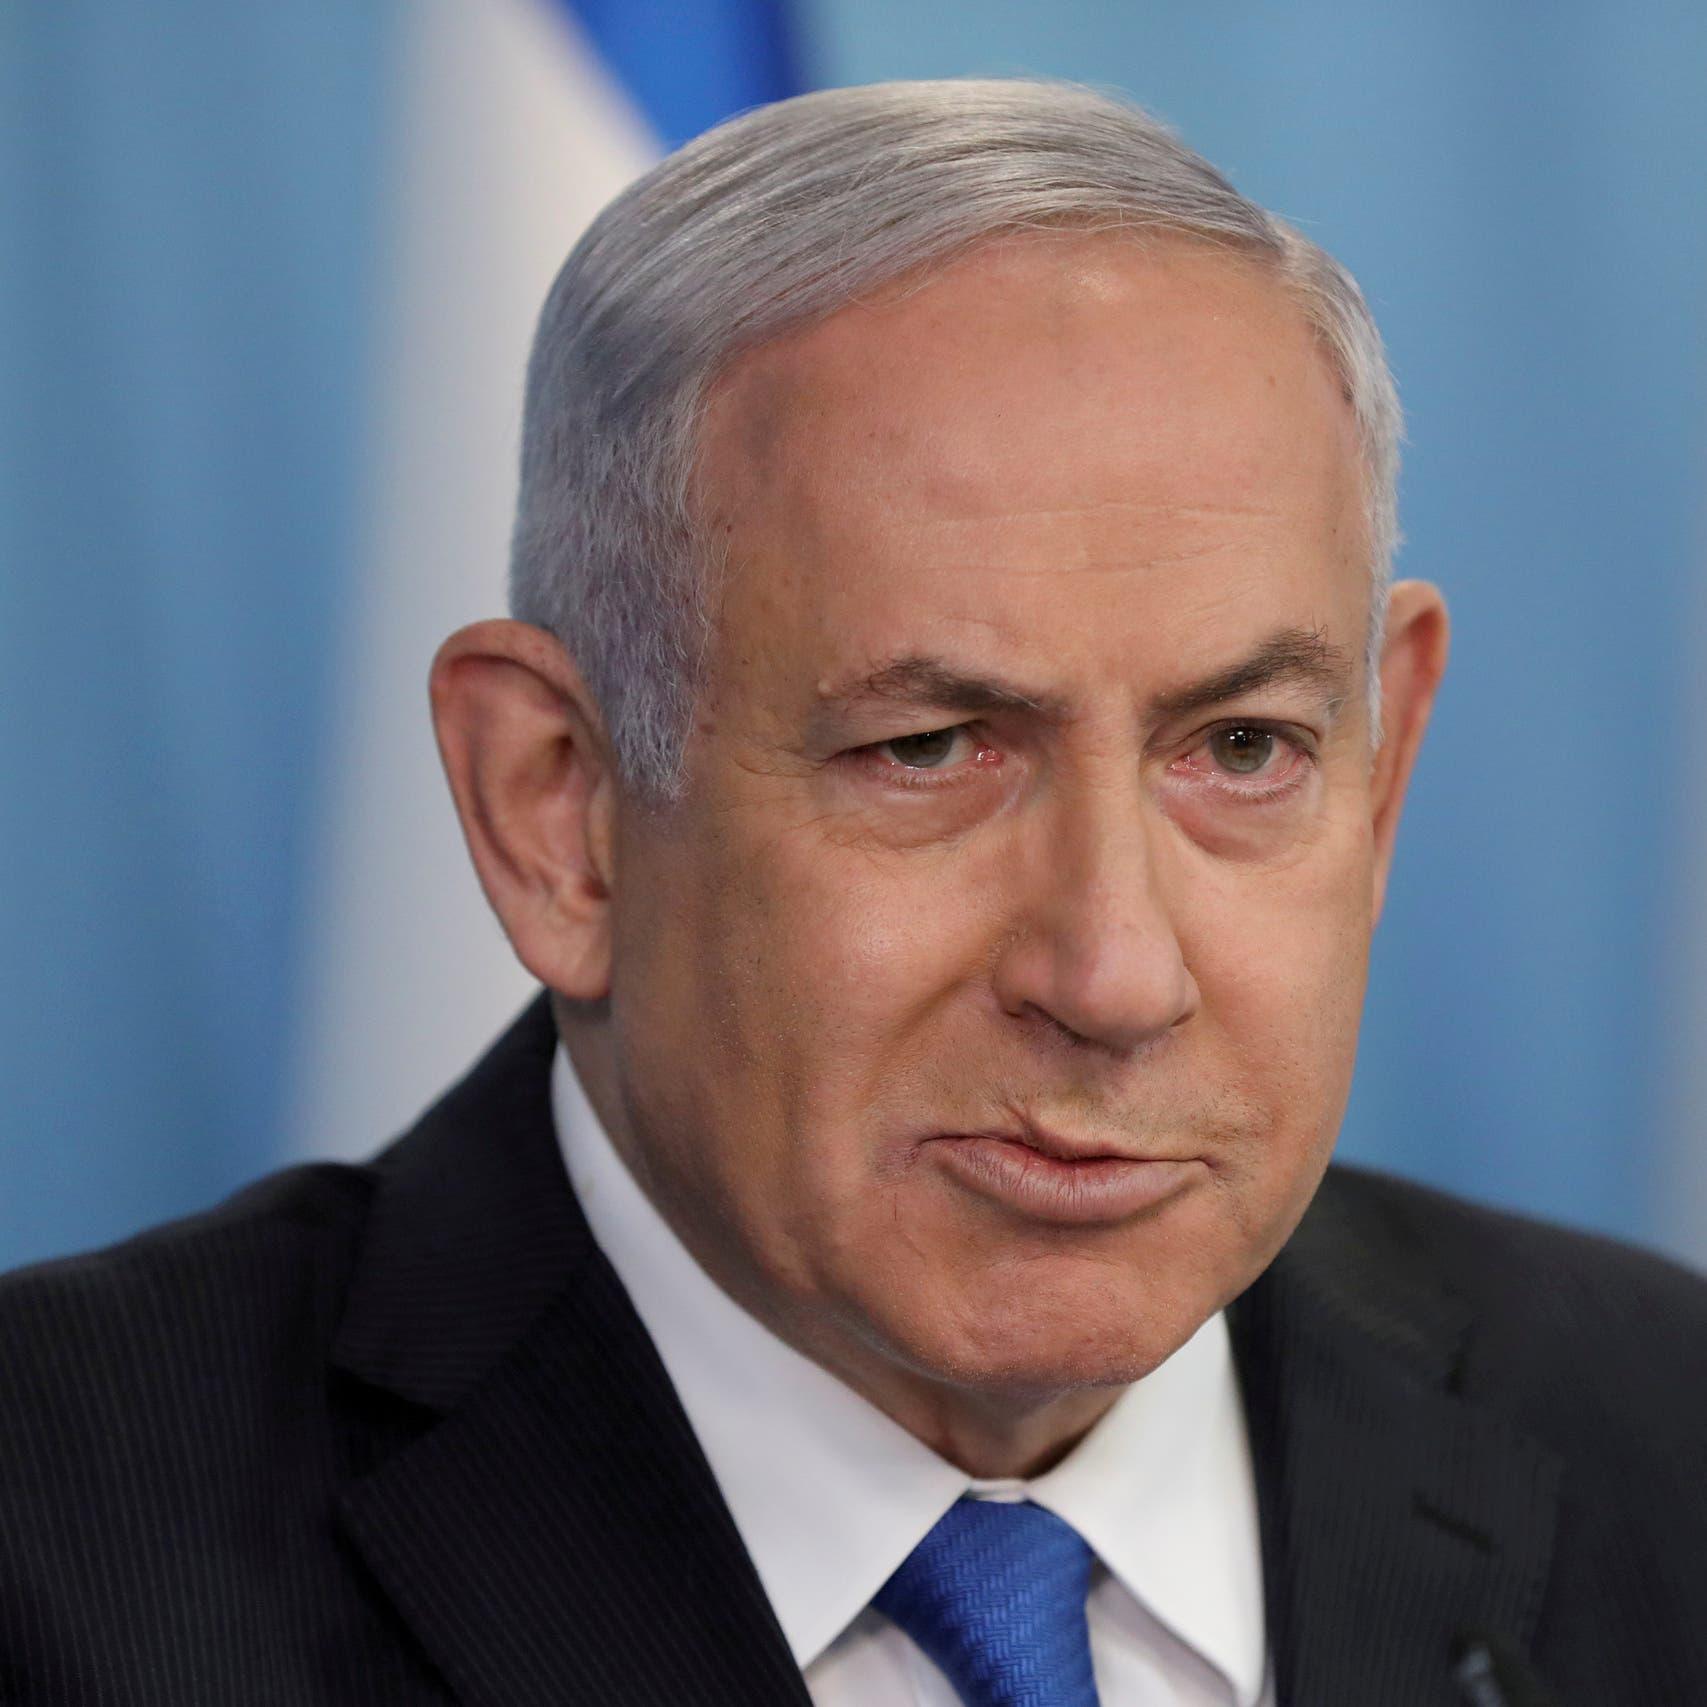 نتنياهو: وفد إسرائيلي سيزور السودان لاستكمال اتفاق التطبيع